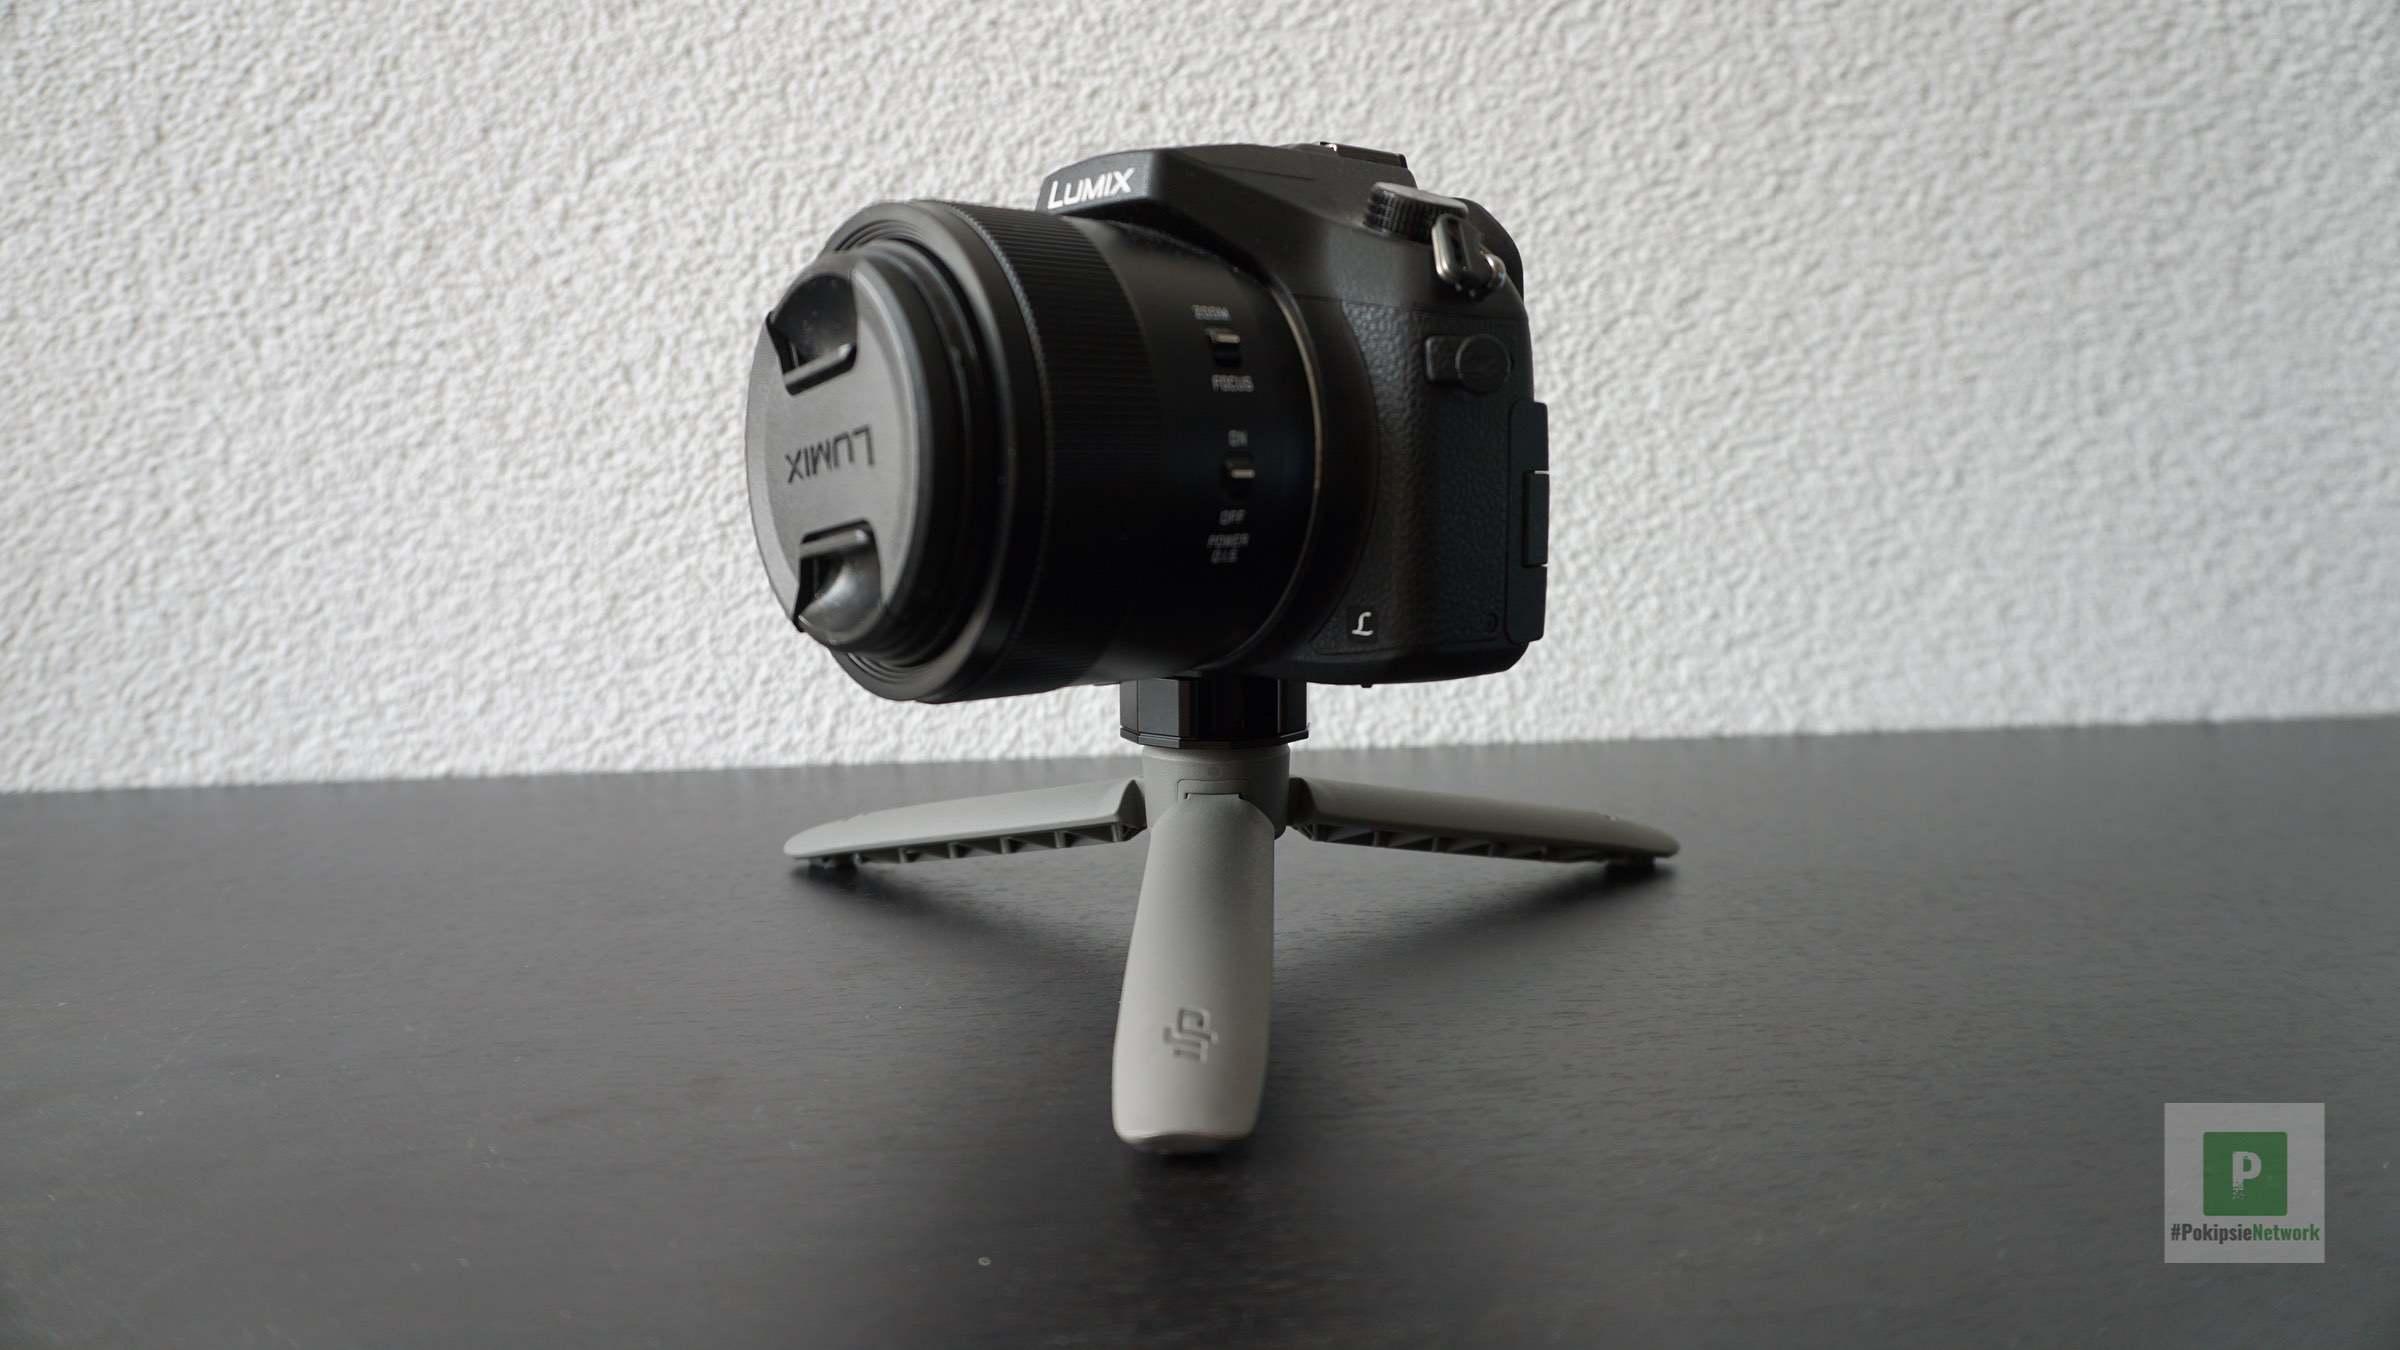 Kamera und Stativ vereint